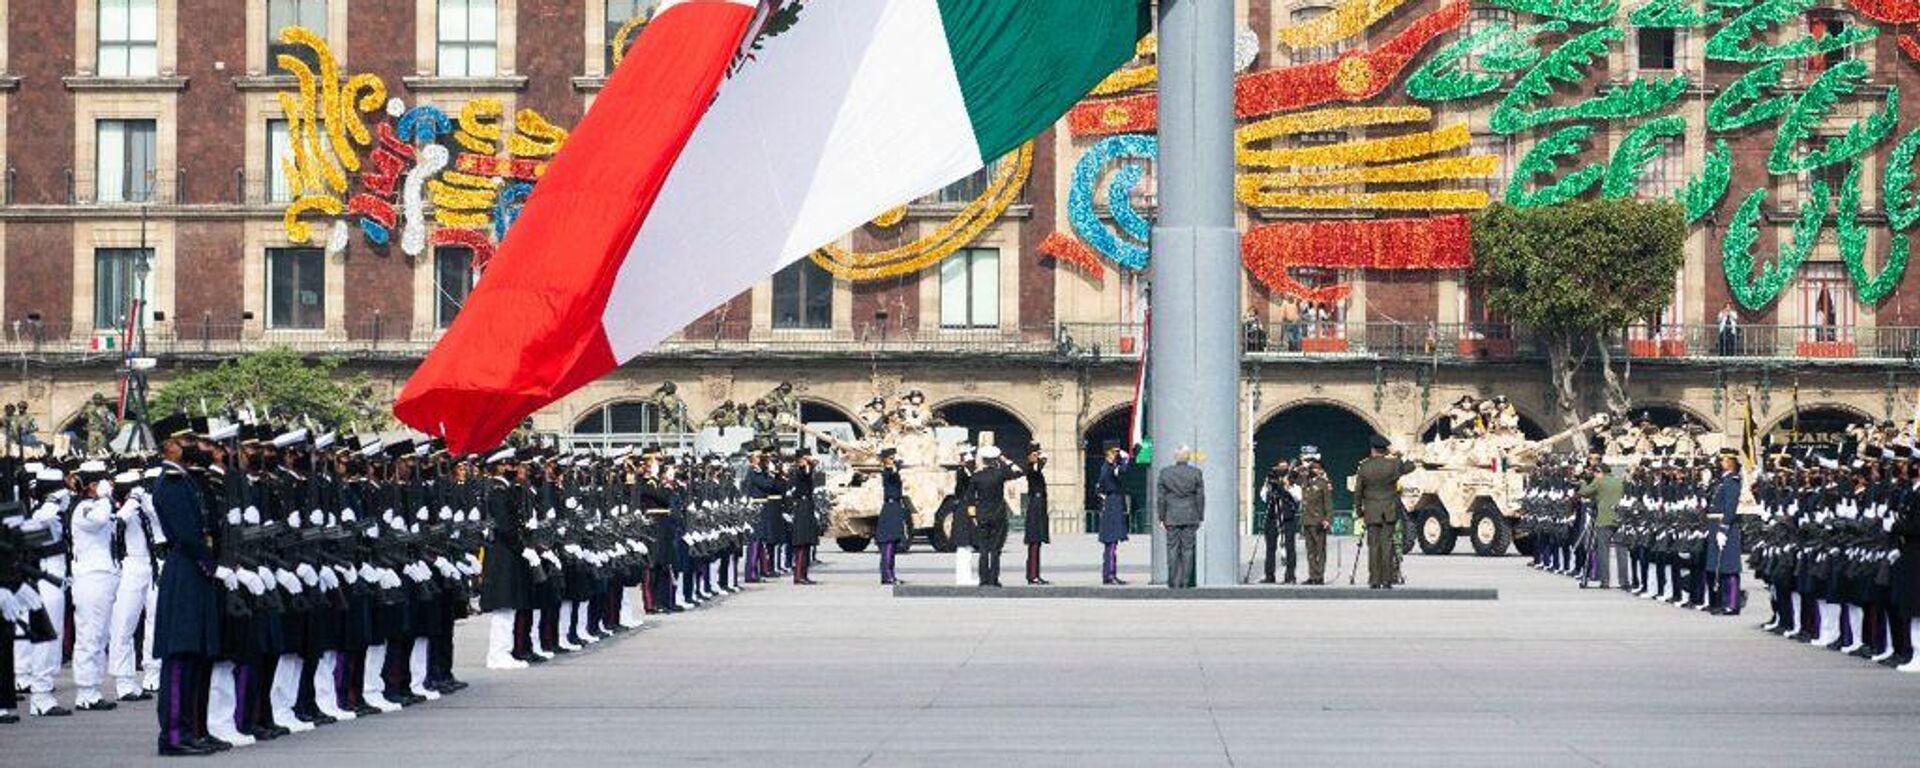 Desfile por Independencia de México - Sputnik Mundo, 1920, 16.09.2021